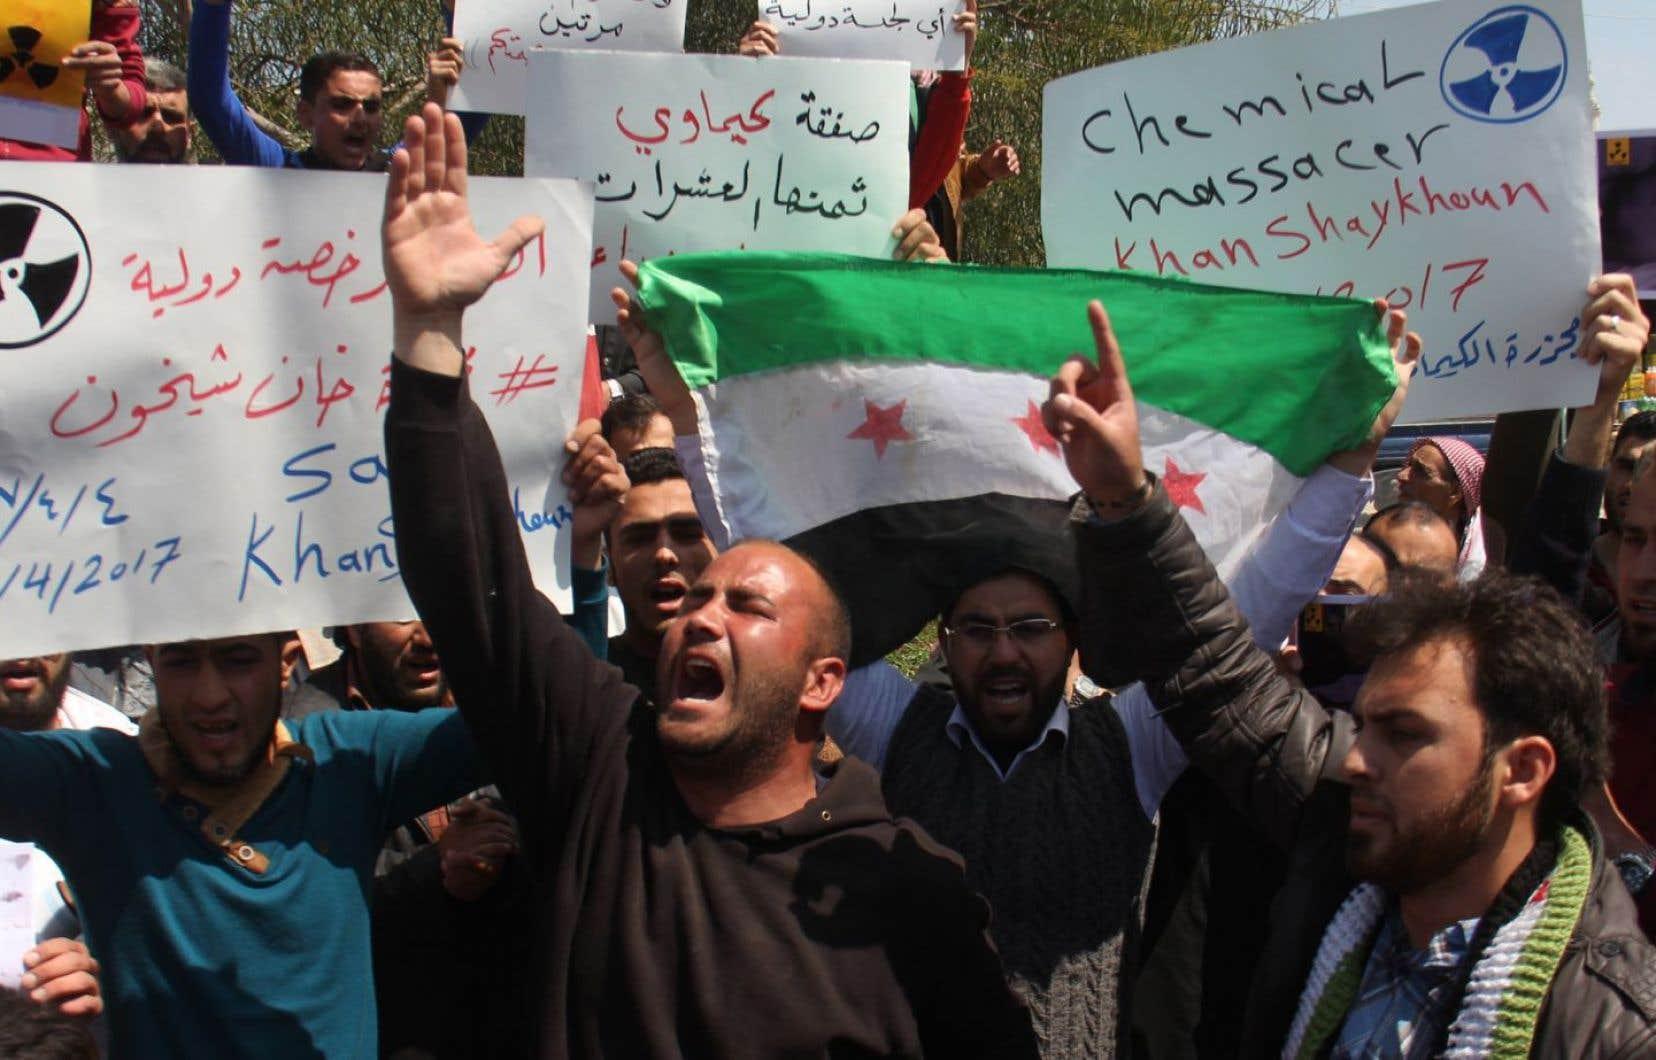 L'attaque du 4 avril 2017 avait fait 87 morts, dont de nombreux enfants, et avait été attribuée par les Occidentaux au régime de Bachar al-Assad. Des manifestants syriens avaient dénoncé ce bombardement chimique quelques jours plus tard.